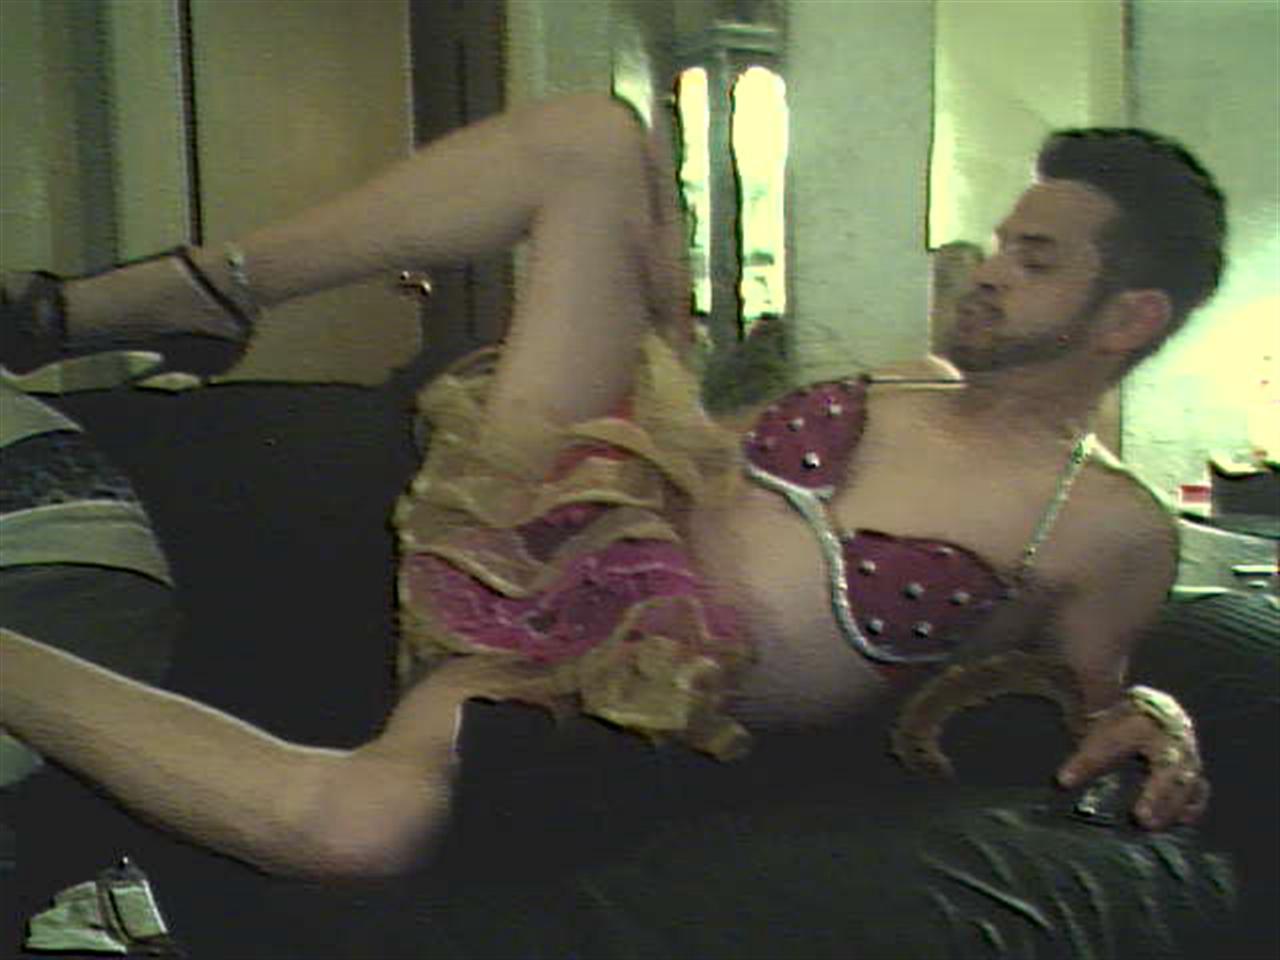 panty wearing sissy faggot whore